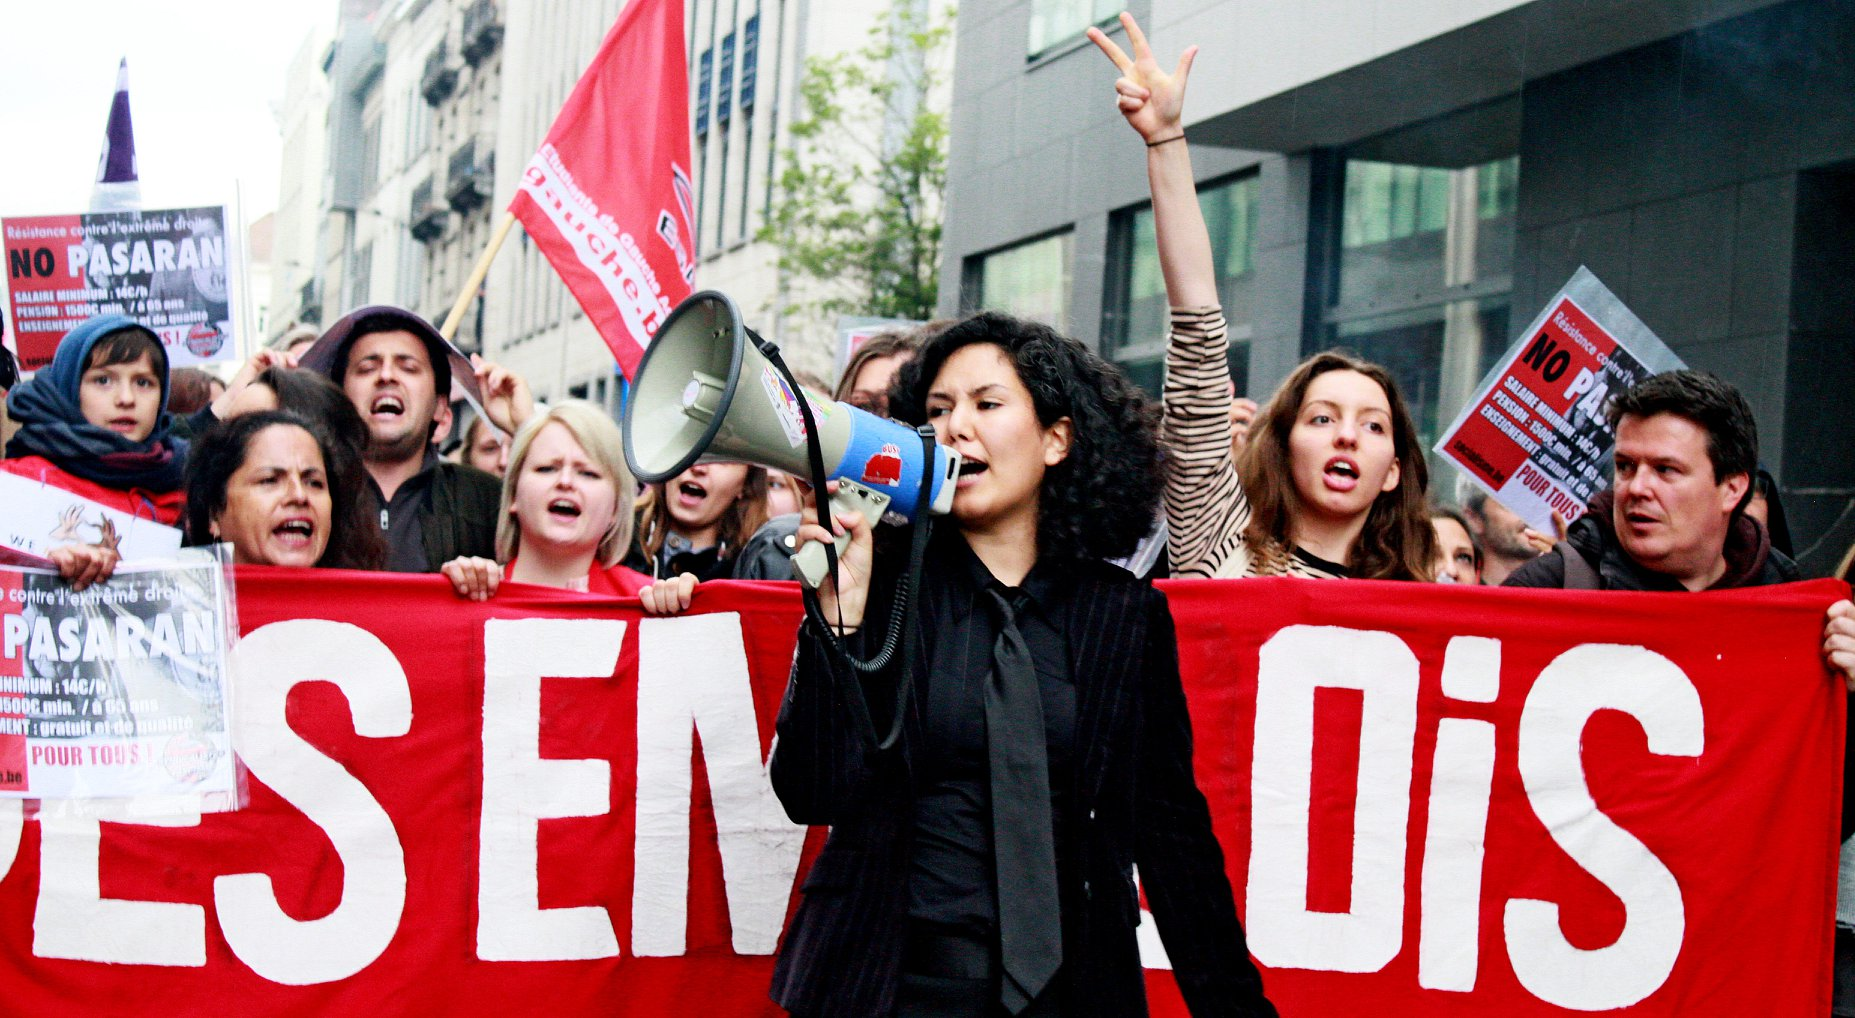 Bruxelles, Gand, Liège : Premières mobilisations antifascistes réussies à la suite du 2e ''Dimanche noir''